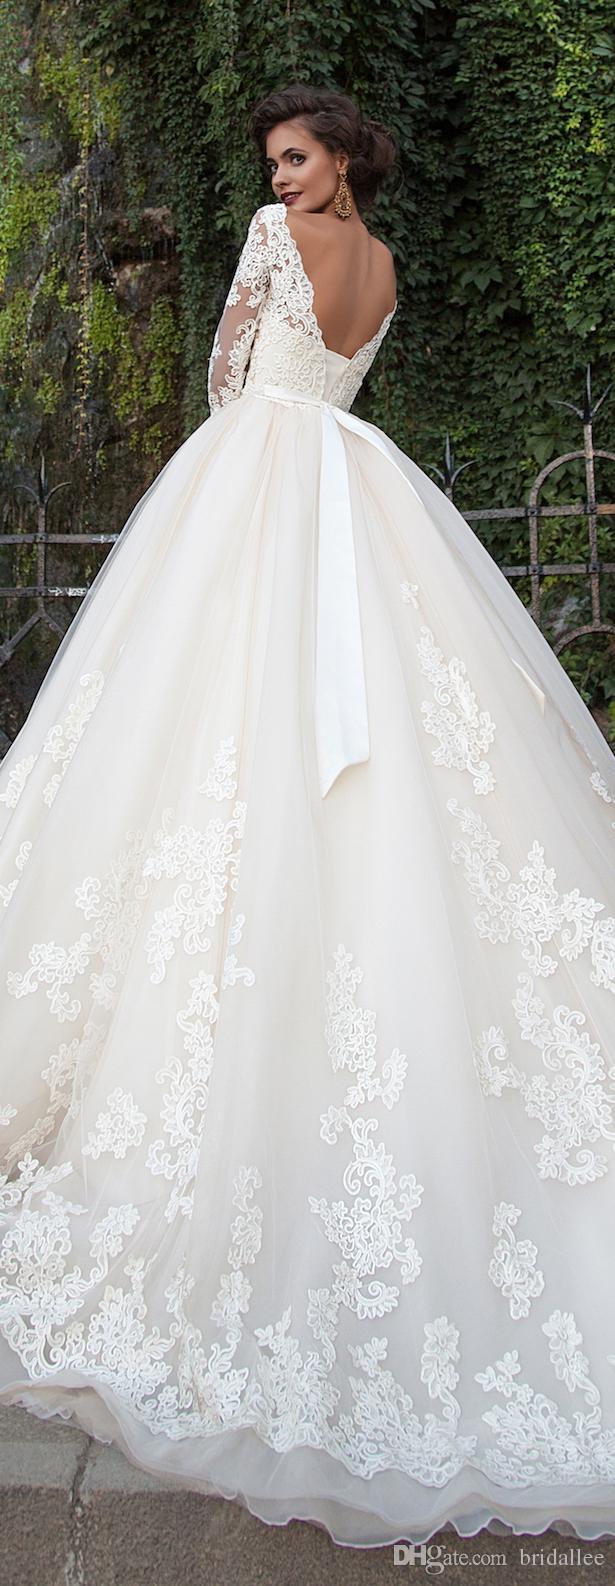 Überbackene Bürsten-Zug-Hochzeits-Kleider Chiffon- Appliques-Braut kleidet langes Hülsen-eine Linie Robe de Mariage